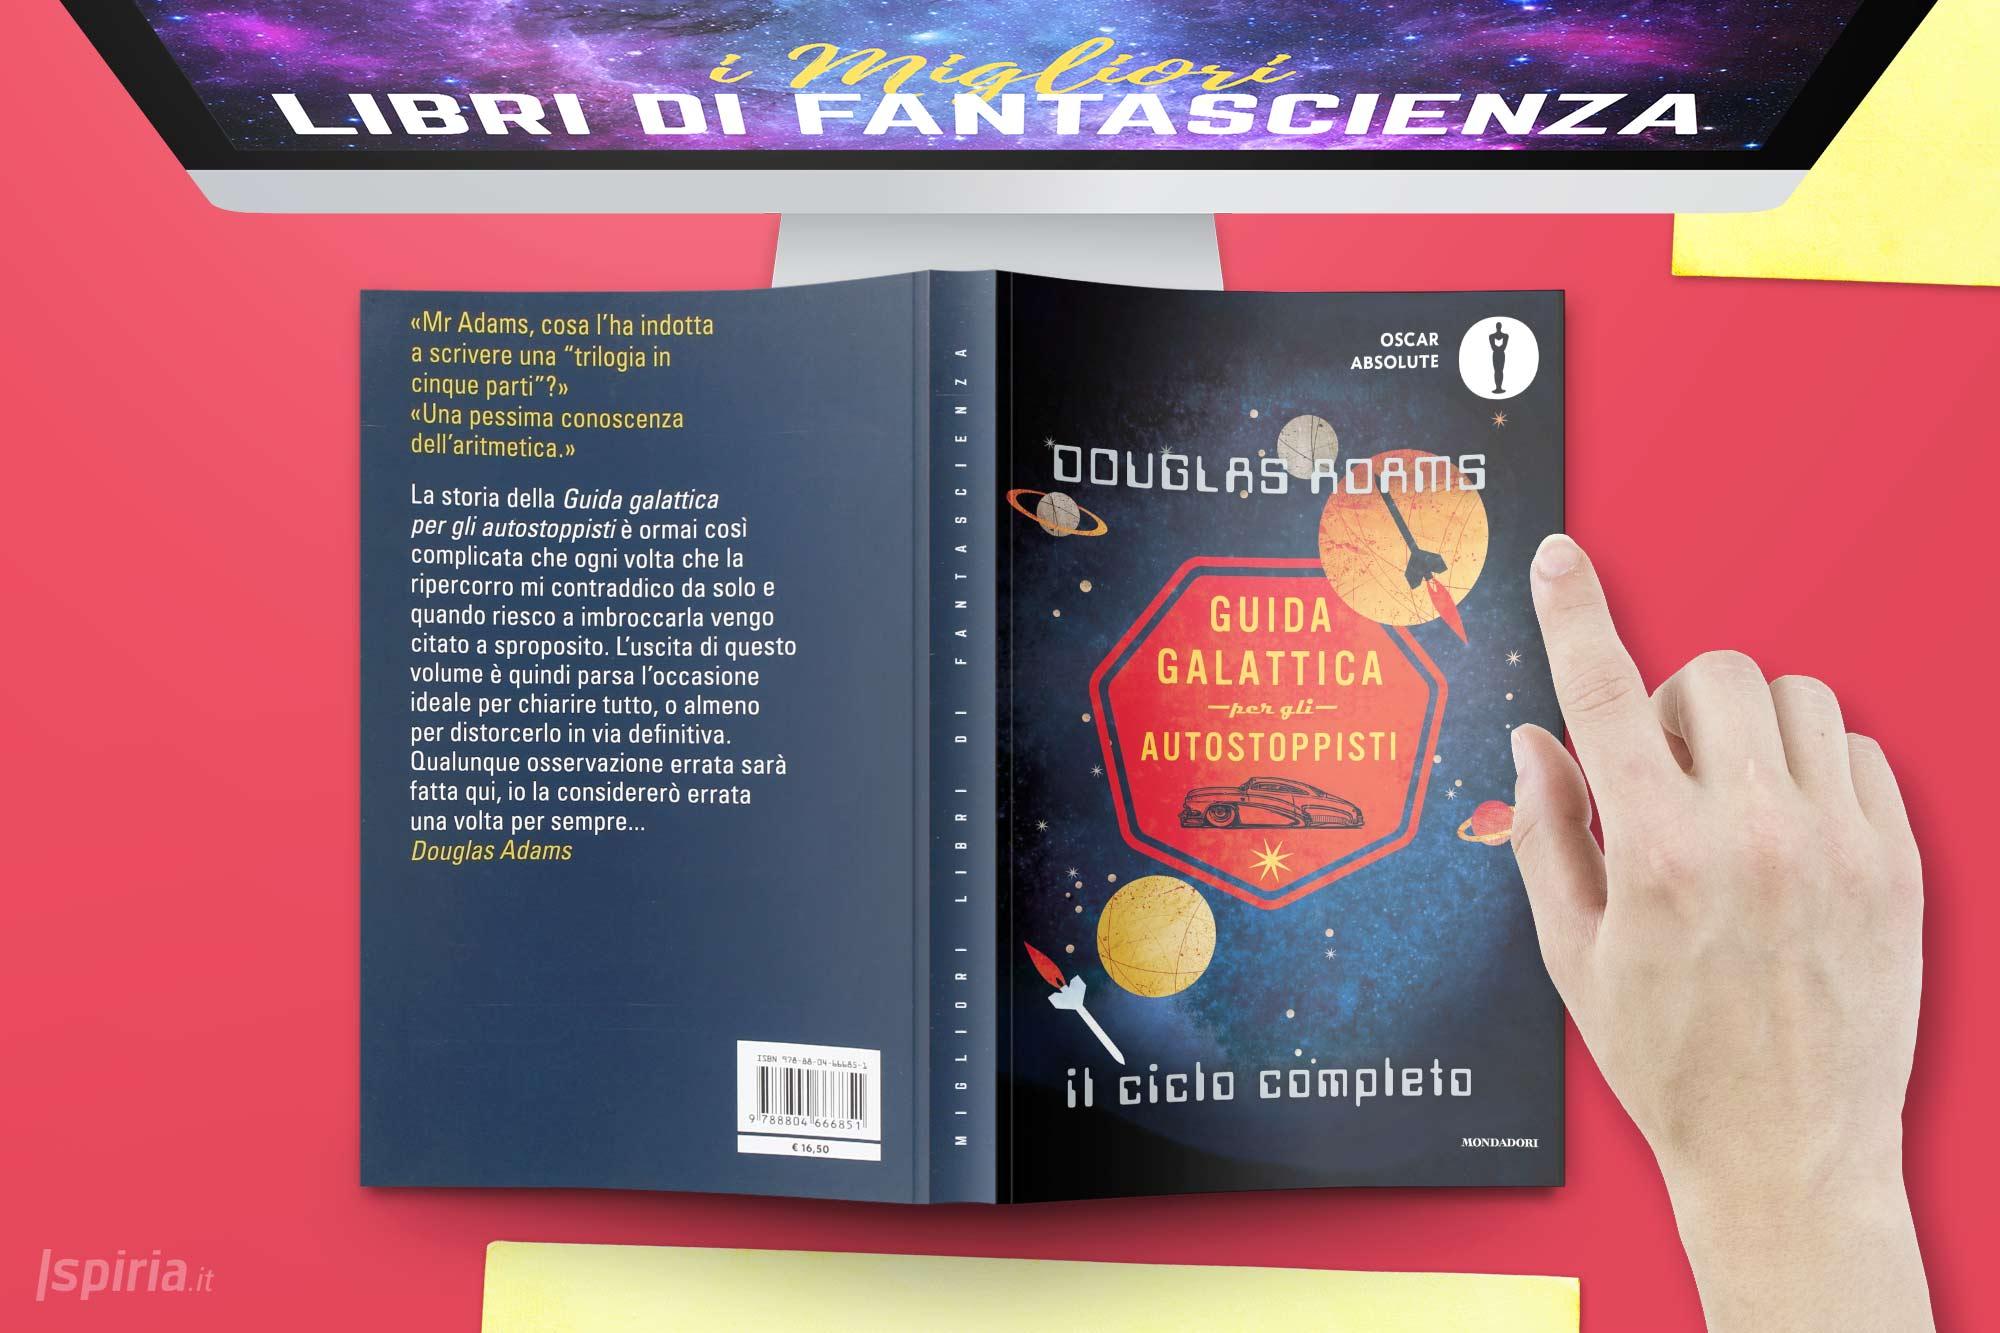 guida-galattica-per-autostoppisti-libro